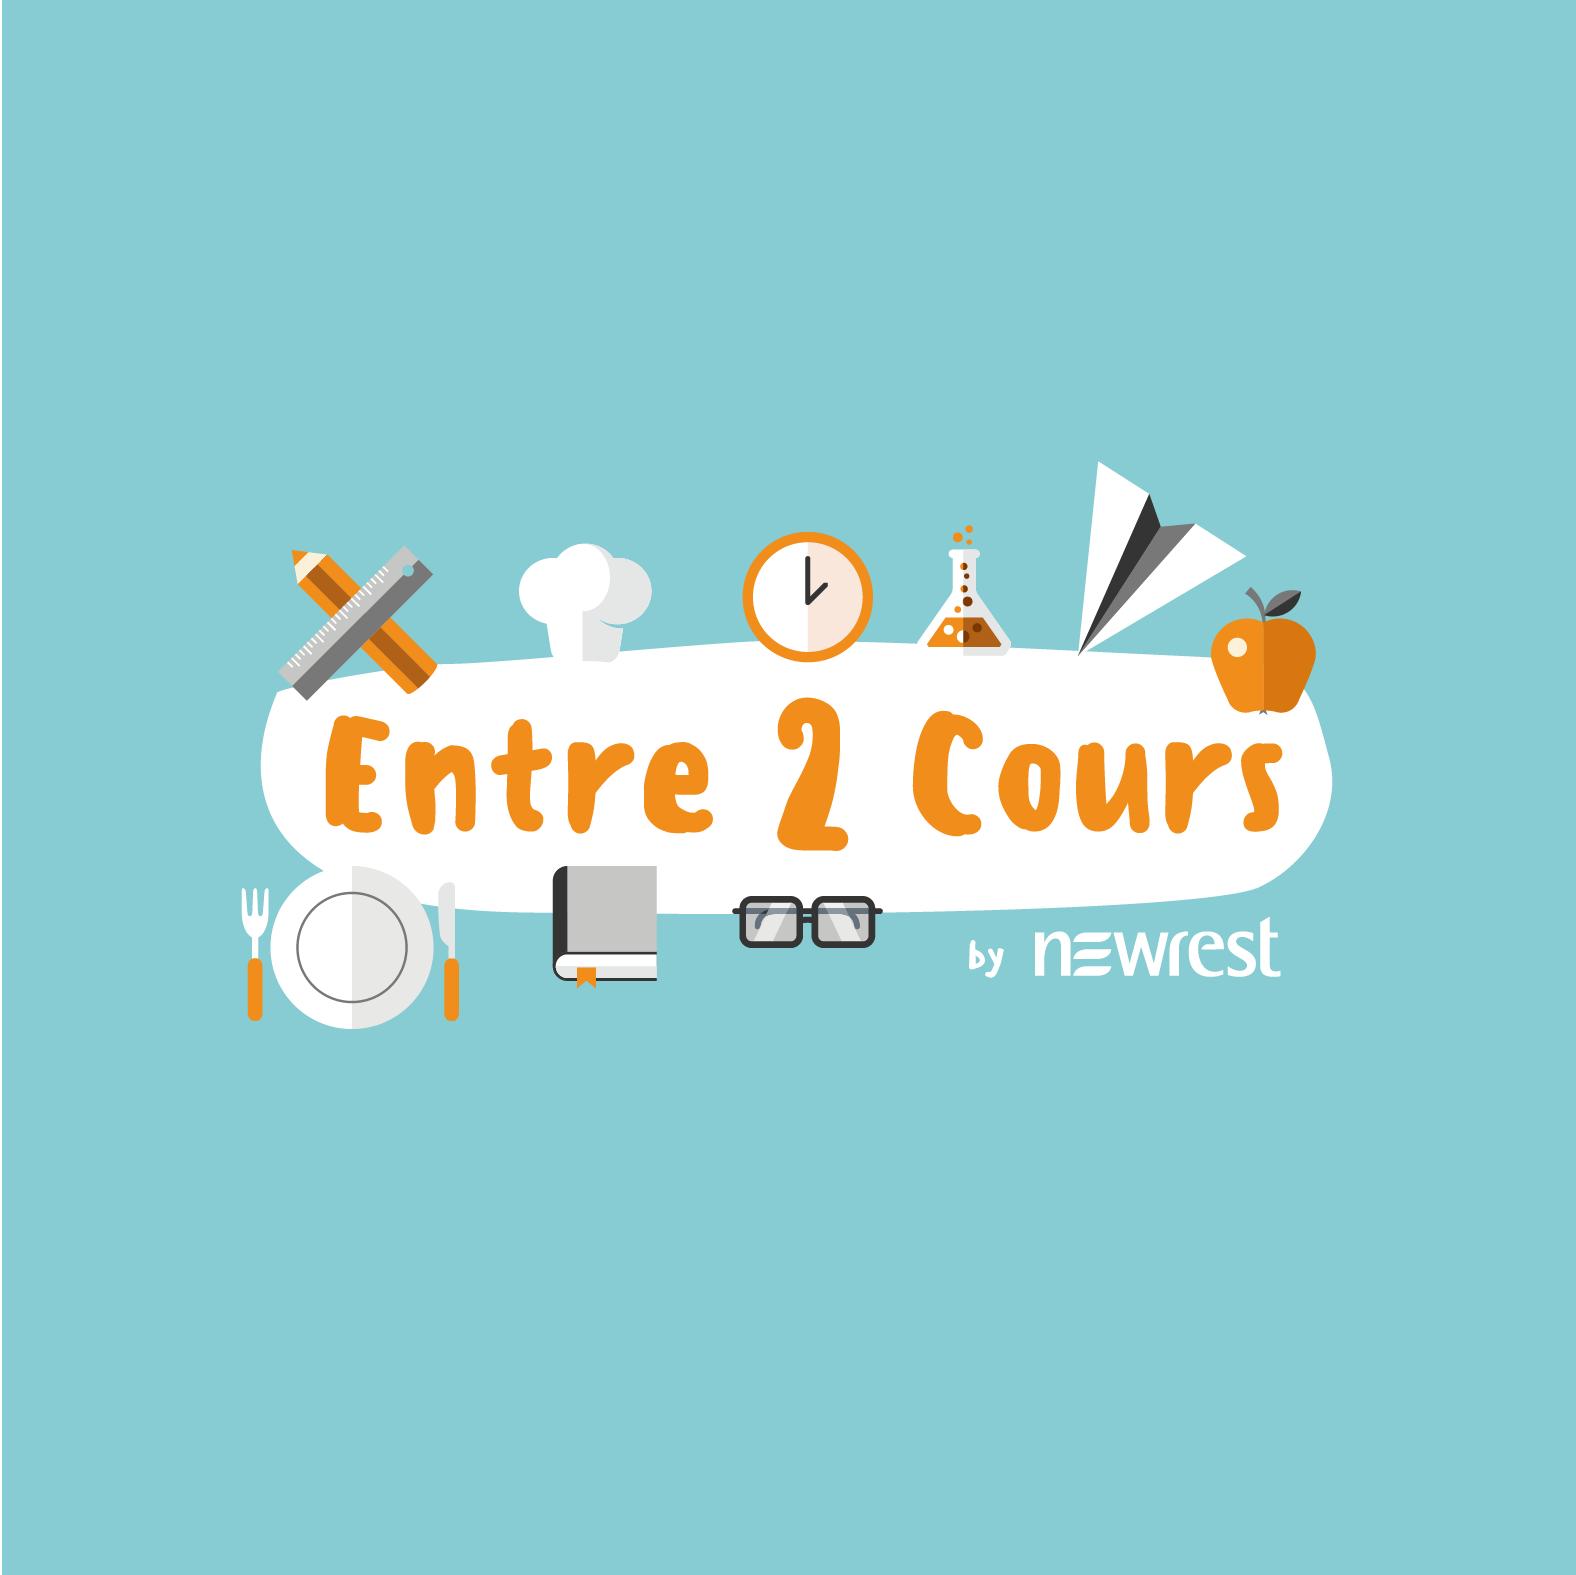 Entre 2 Cours